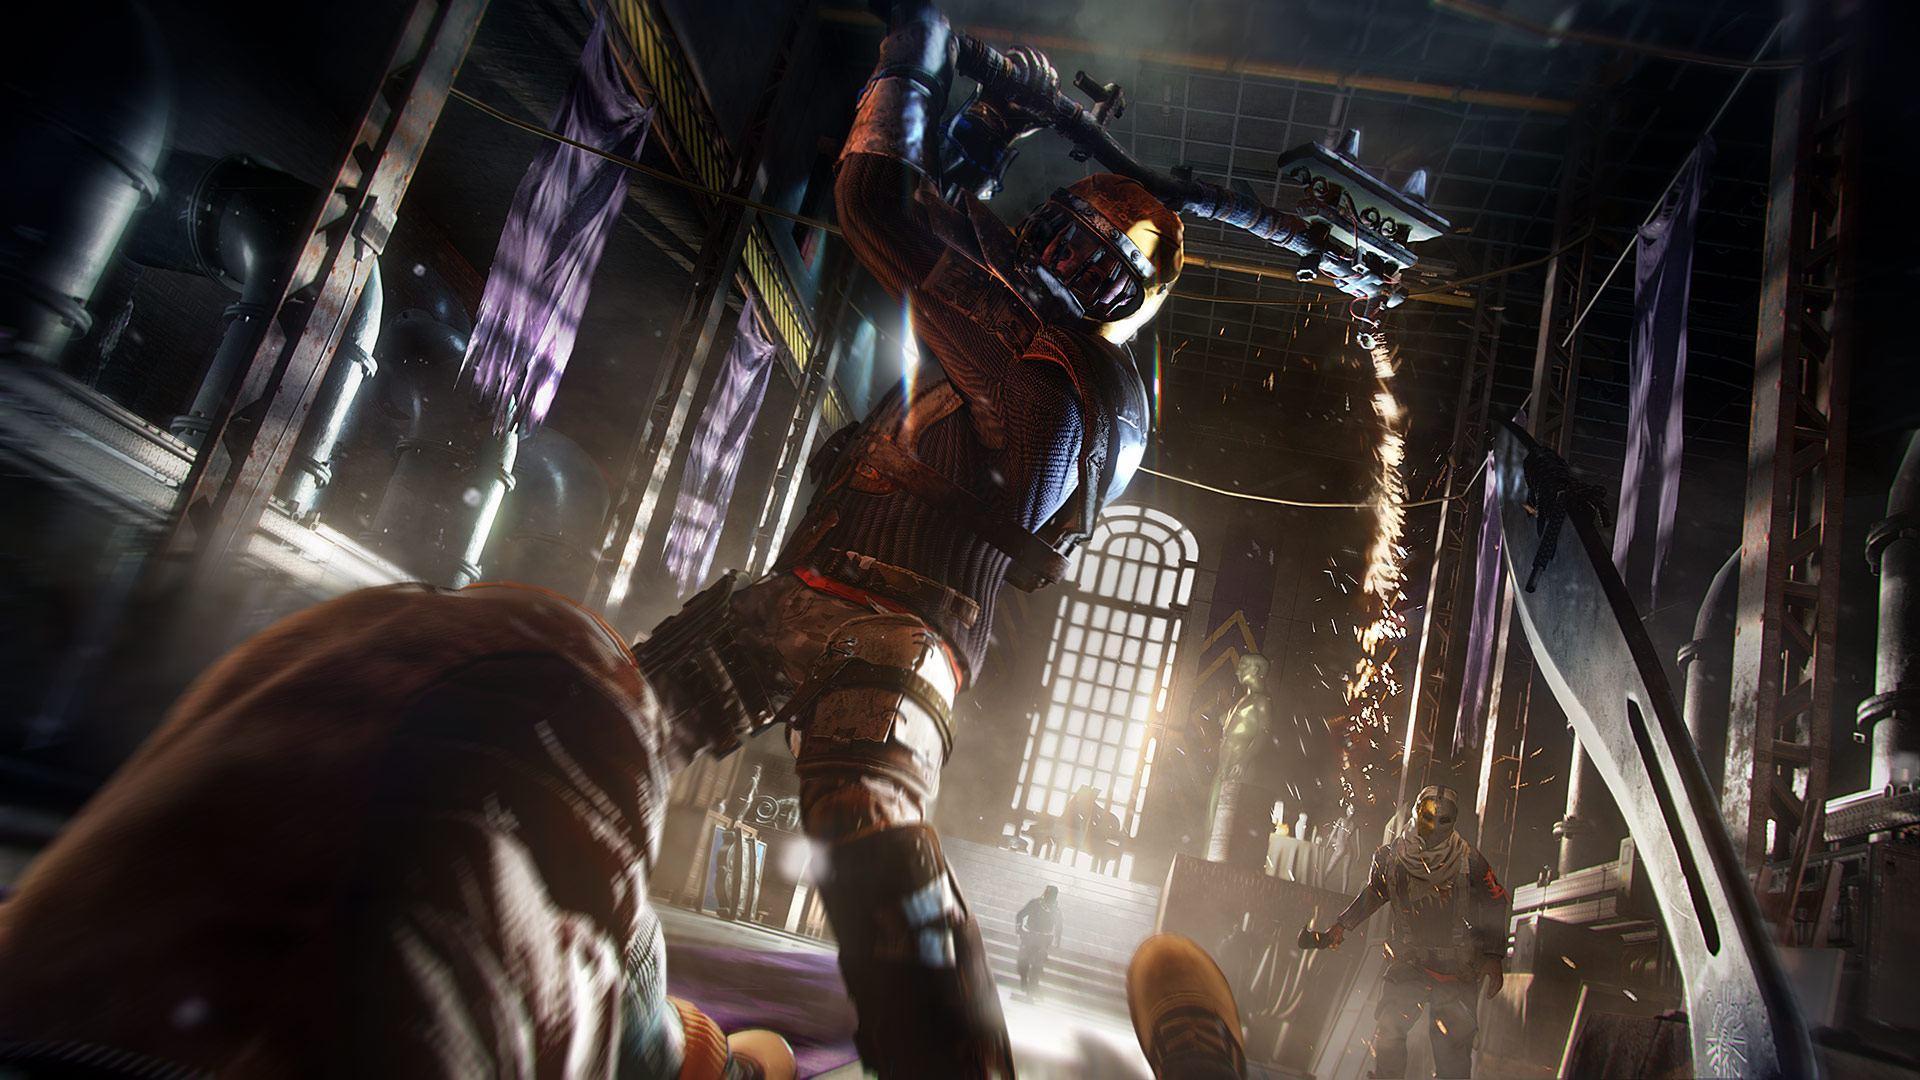 Технологии, продолжительность и особенности мира - разработчики Dying Light 2 поделились подробностями игры 6